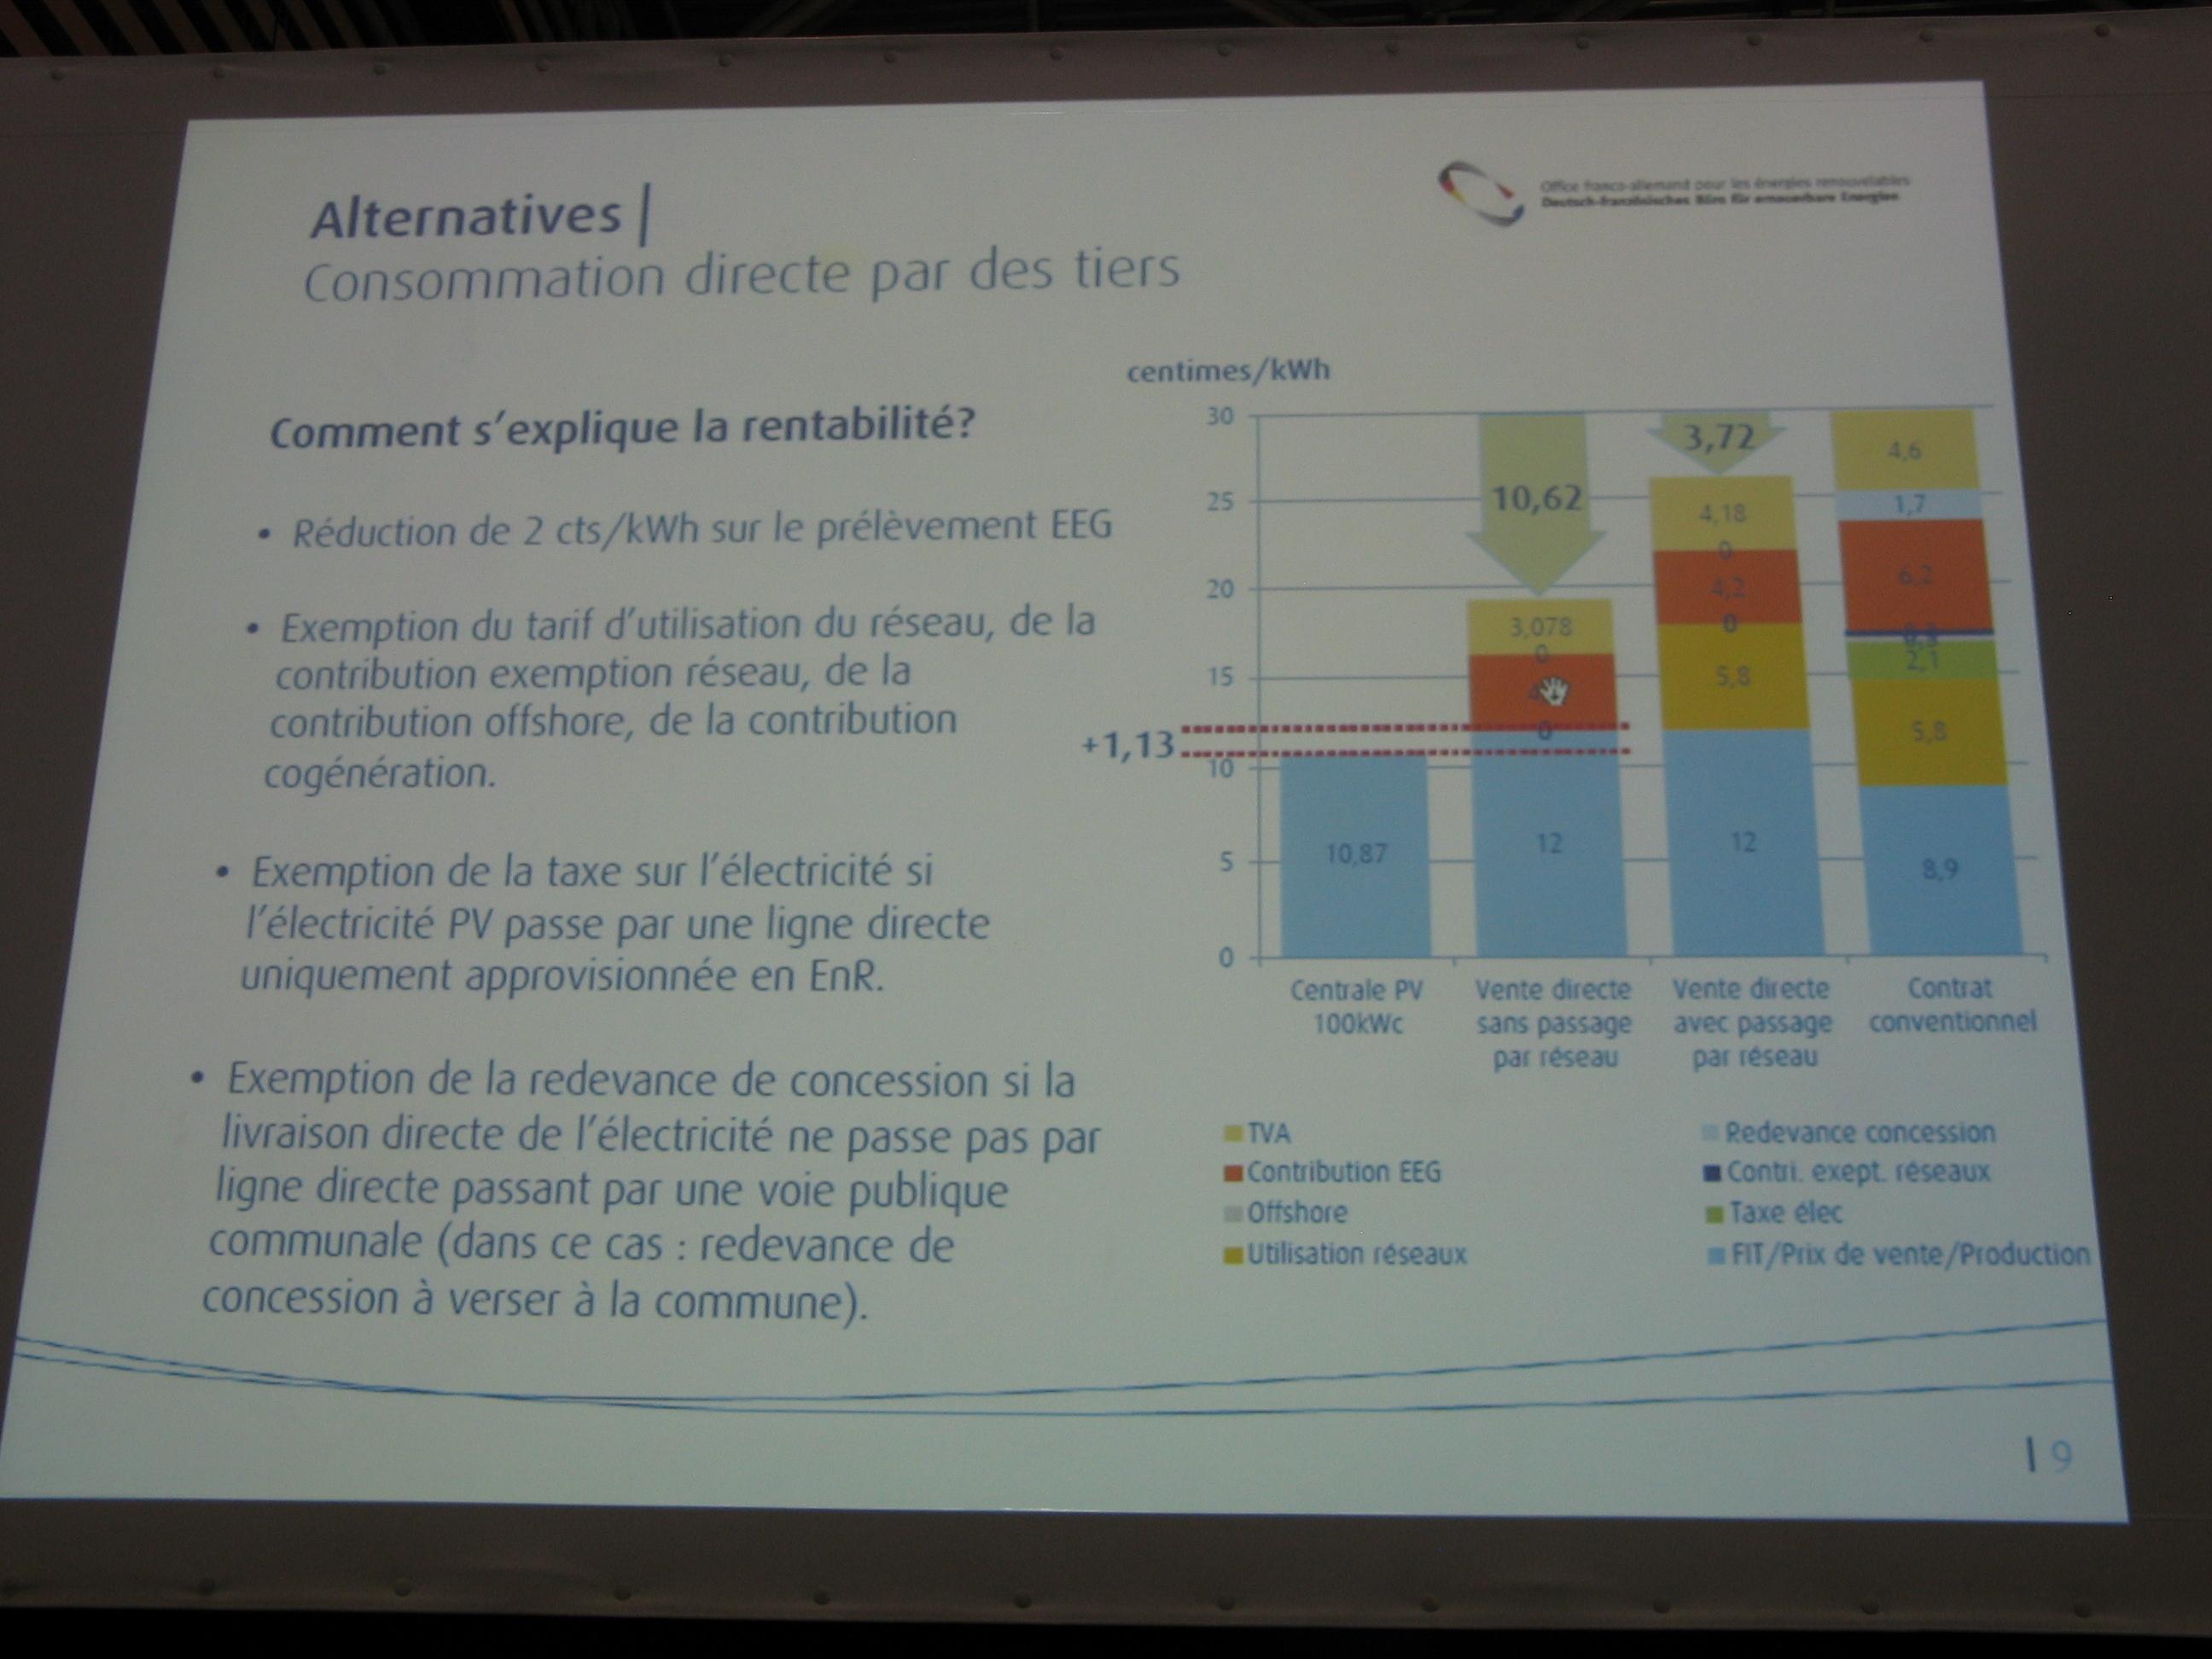 Centrales photovoltaïques : l'autoconsommation, ça marche !